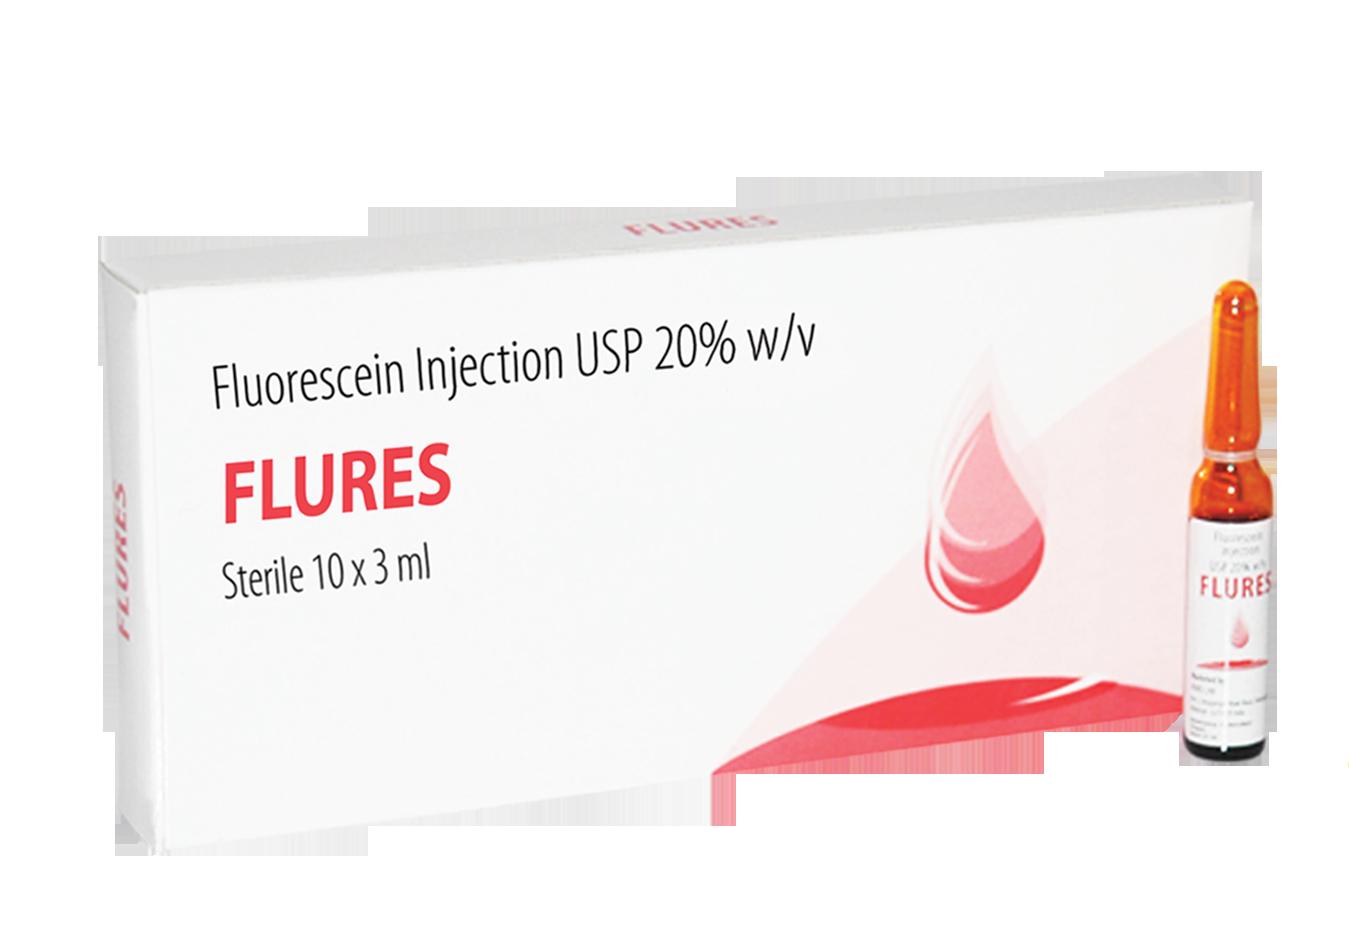 FLUROSCEIN Sodium Injection